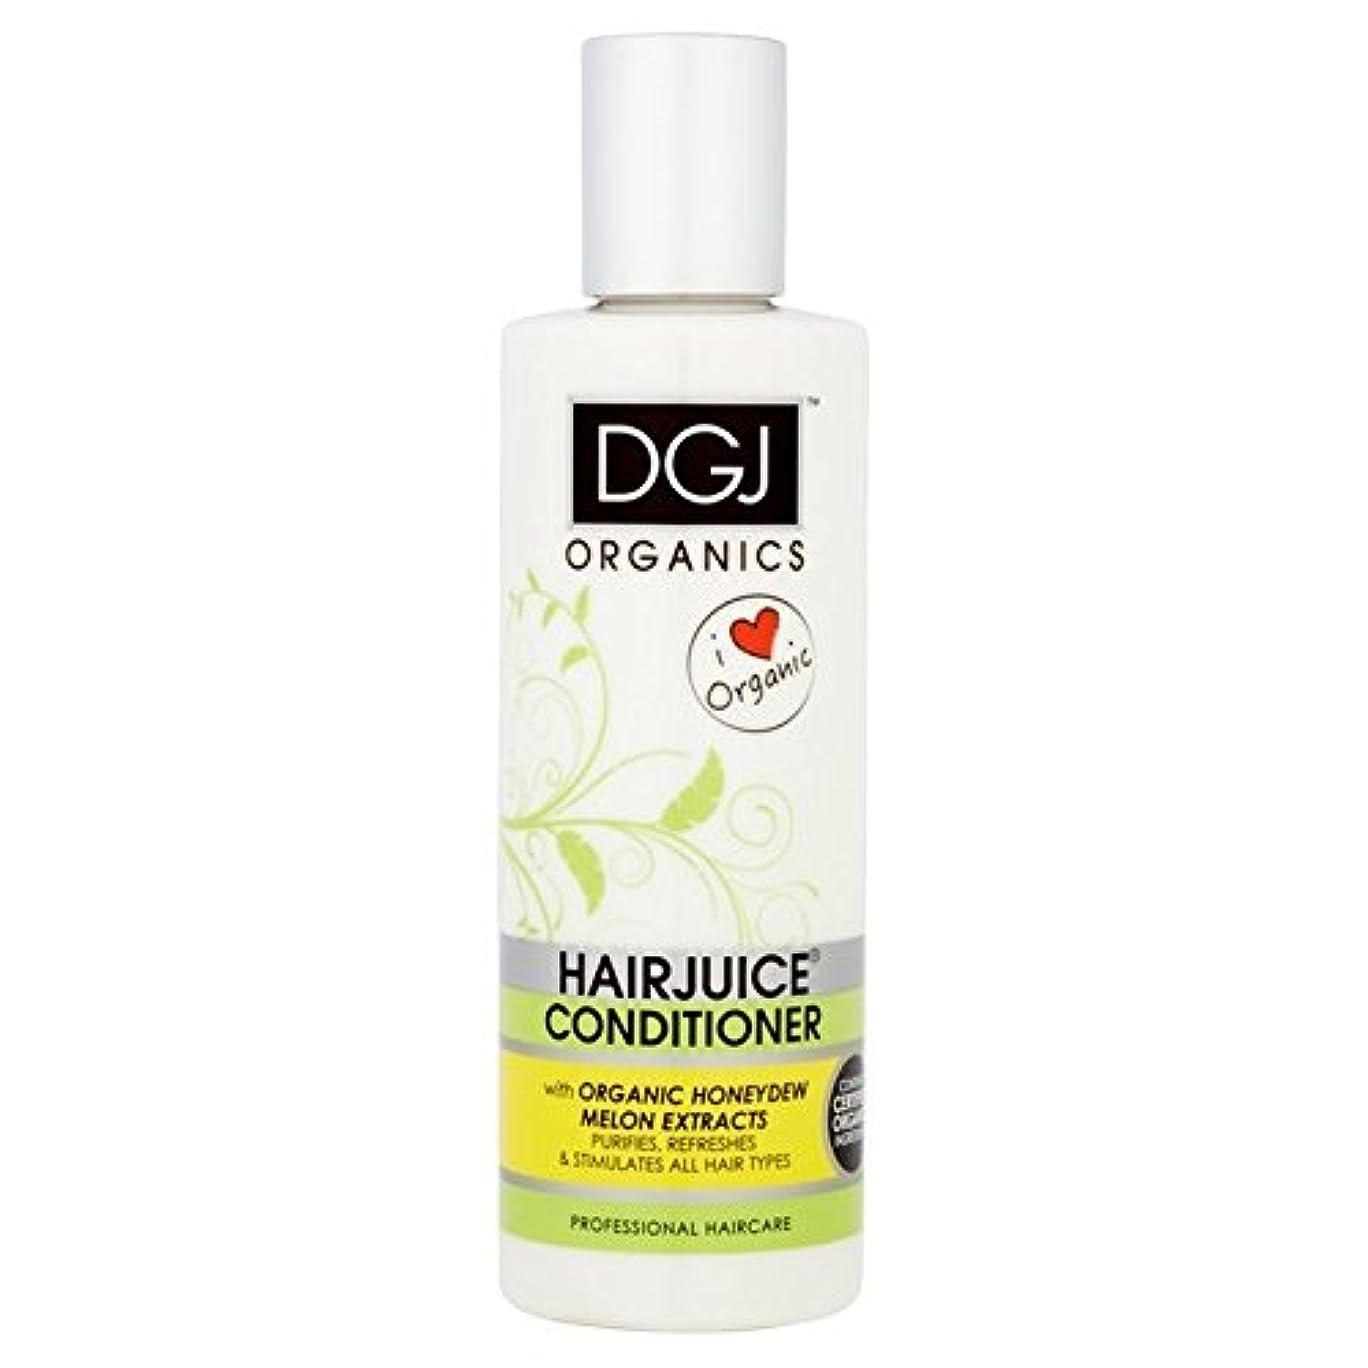 抱擁に頼るスナッチ有機メロンコンディショナー250 x4 - DGJ Organic Hairjuice Melon Conditioner 250ml (Pack of 4) [並行輸入品]